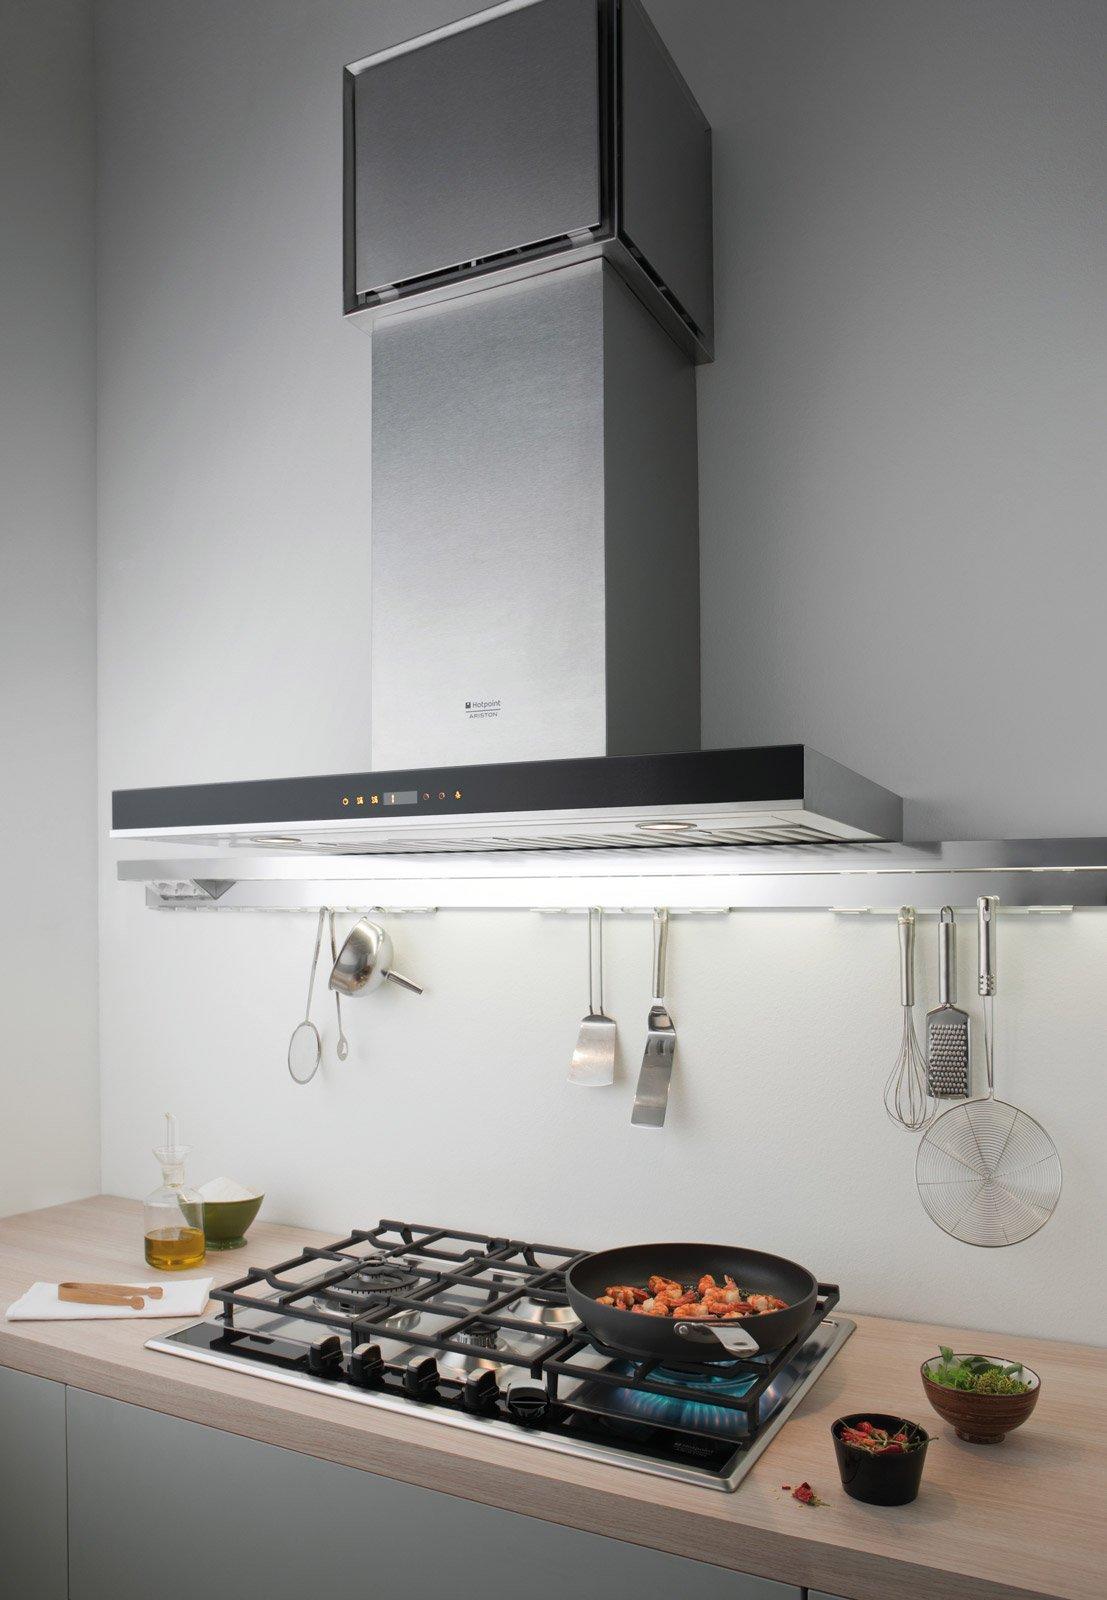 Come scegliere la cappa della cucina - Cose di Casa